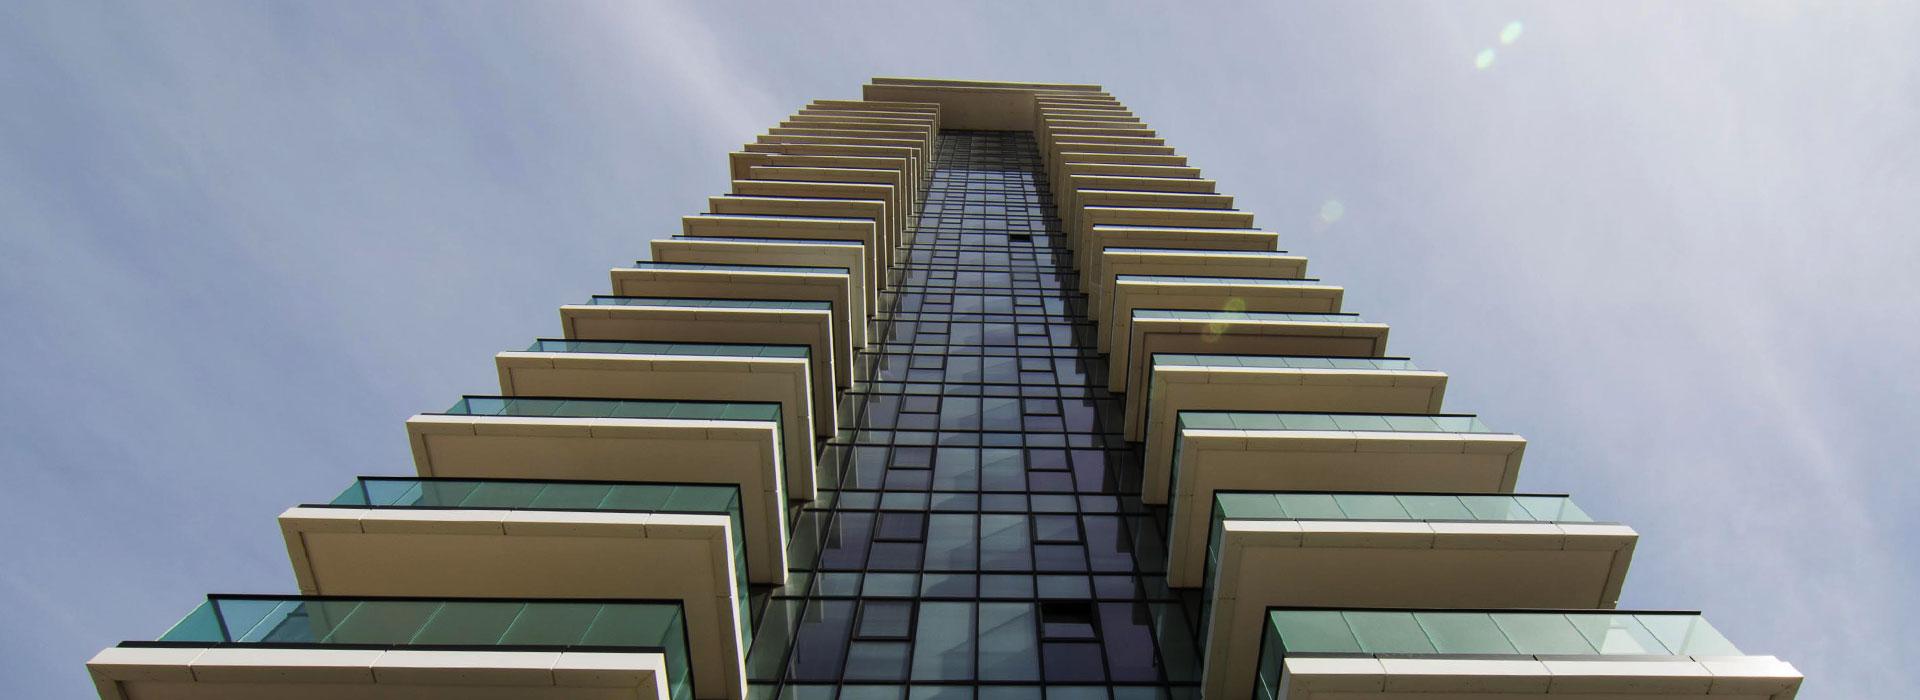 sliders-buildings-lieber